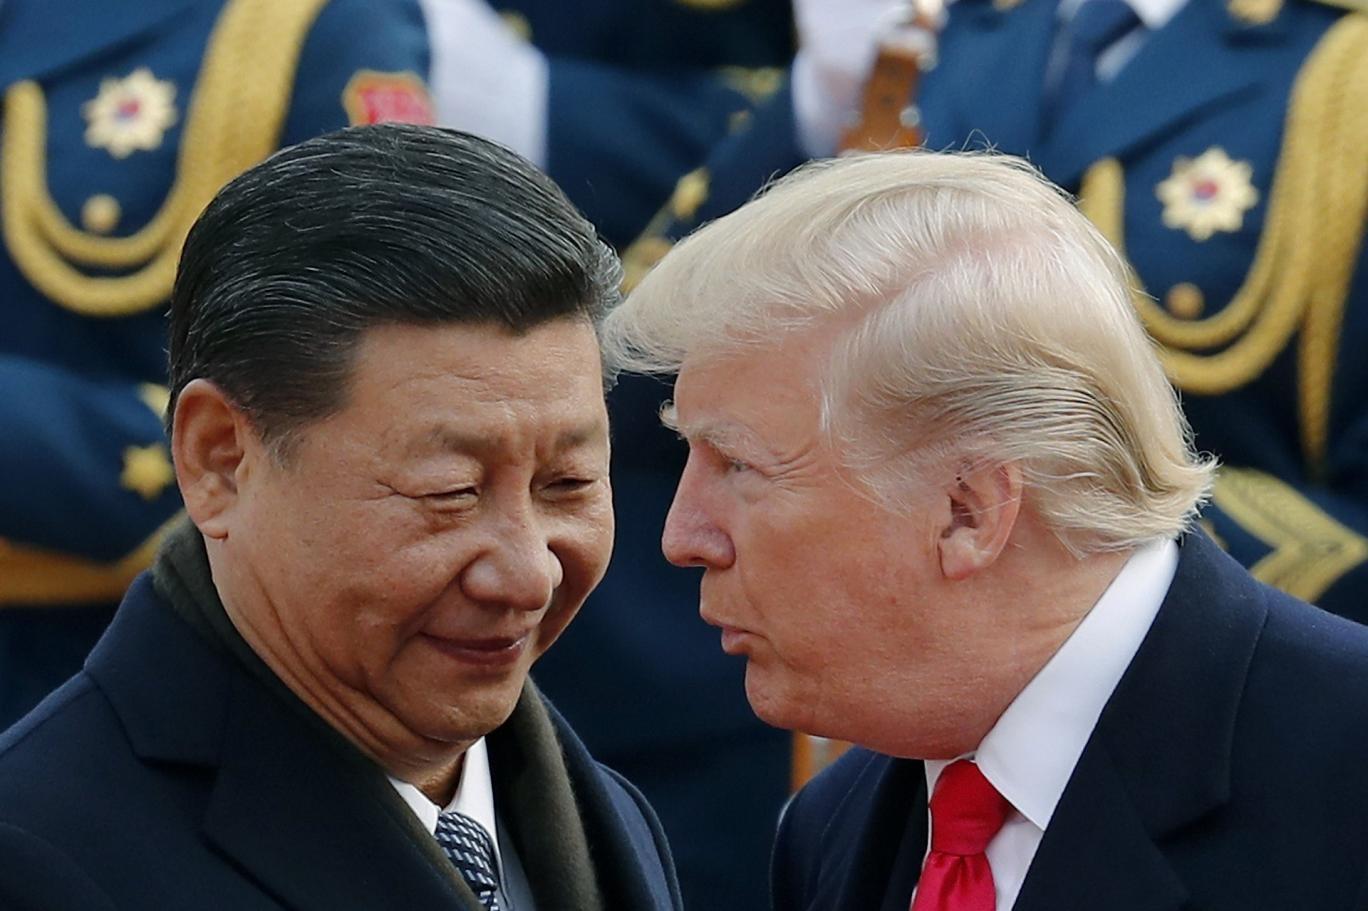 عين الصين صوب السندات الأميركية وترقب في الأسواق من أزمة عالمية